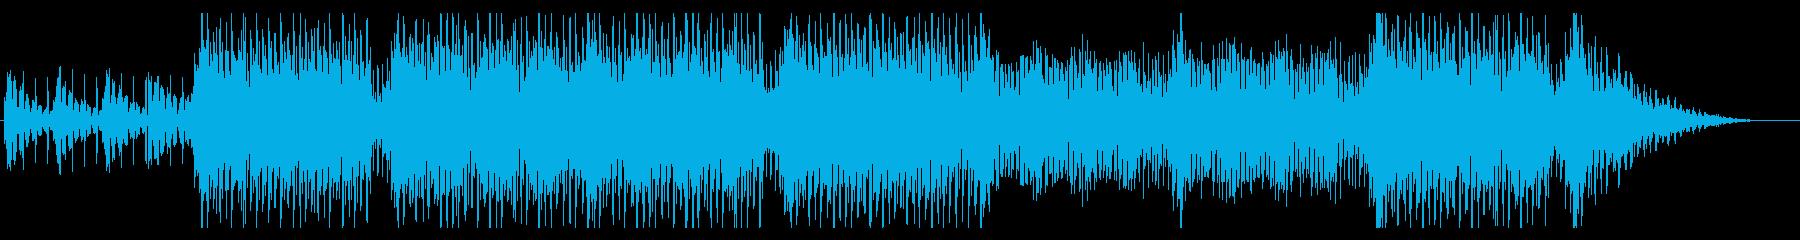 ムーディーなクワイア・ボーカル曲の再生済みの波形